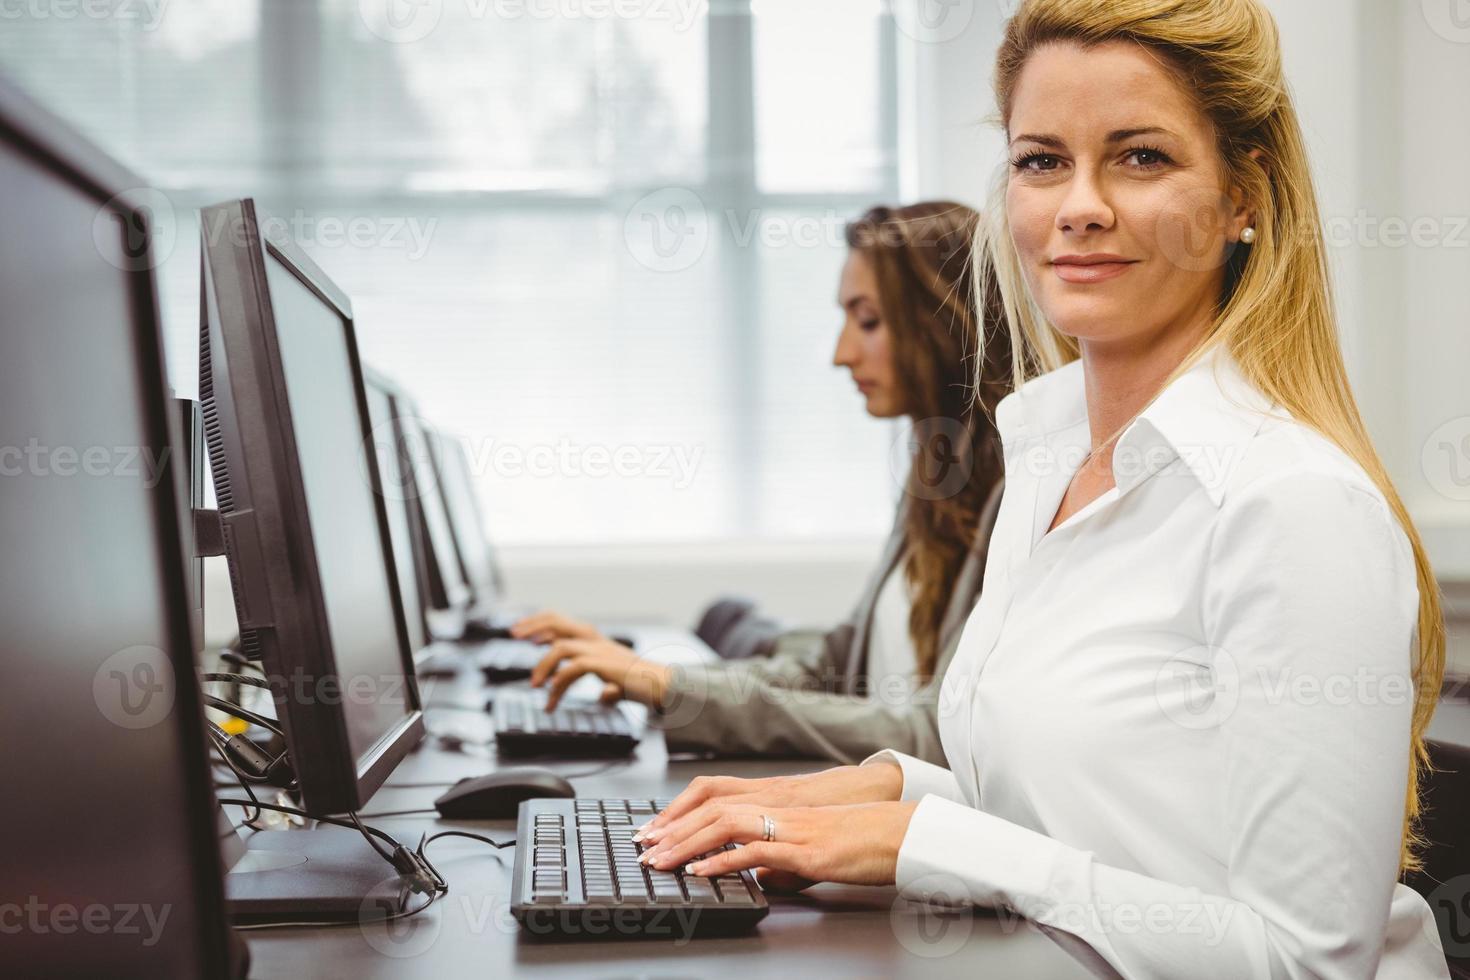 mujer feliz en sala de computación sonriendo a la cámara foto